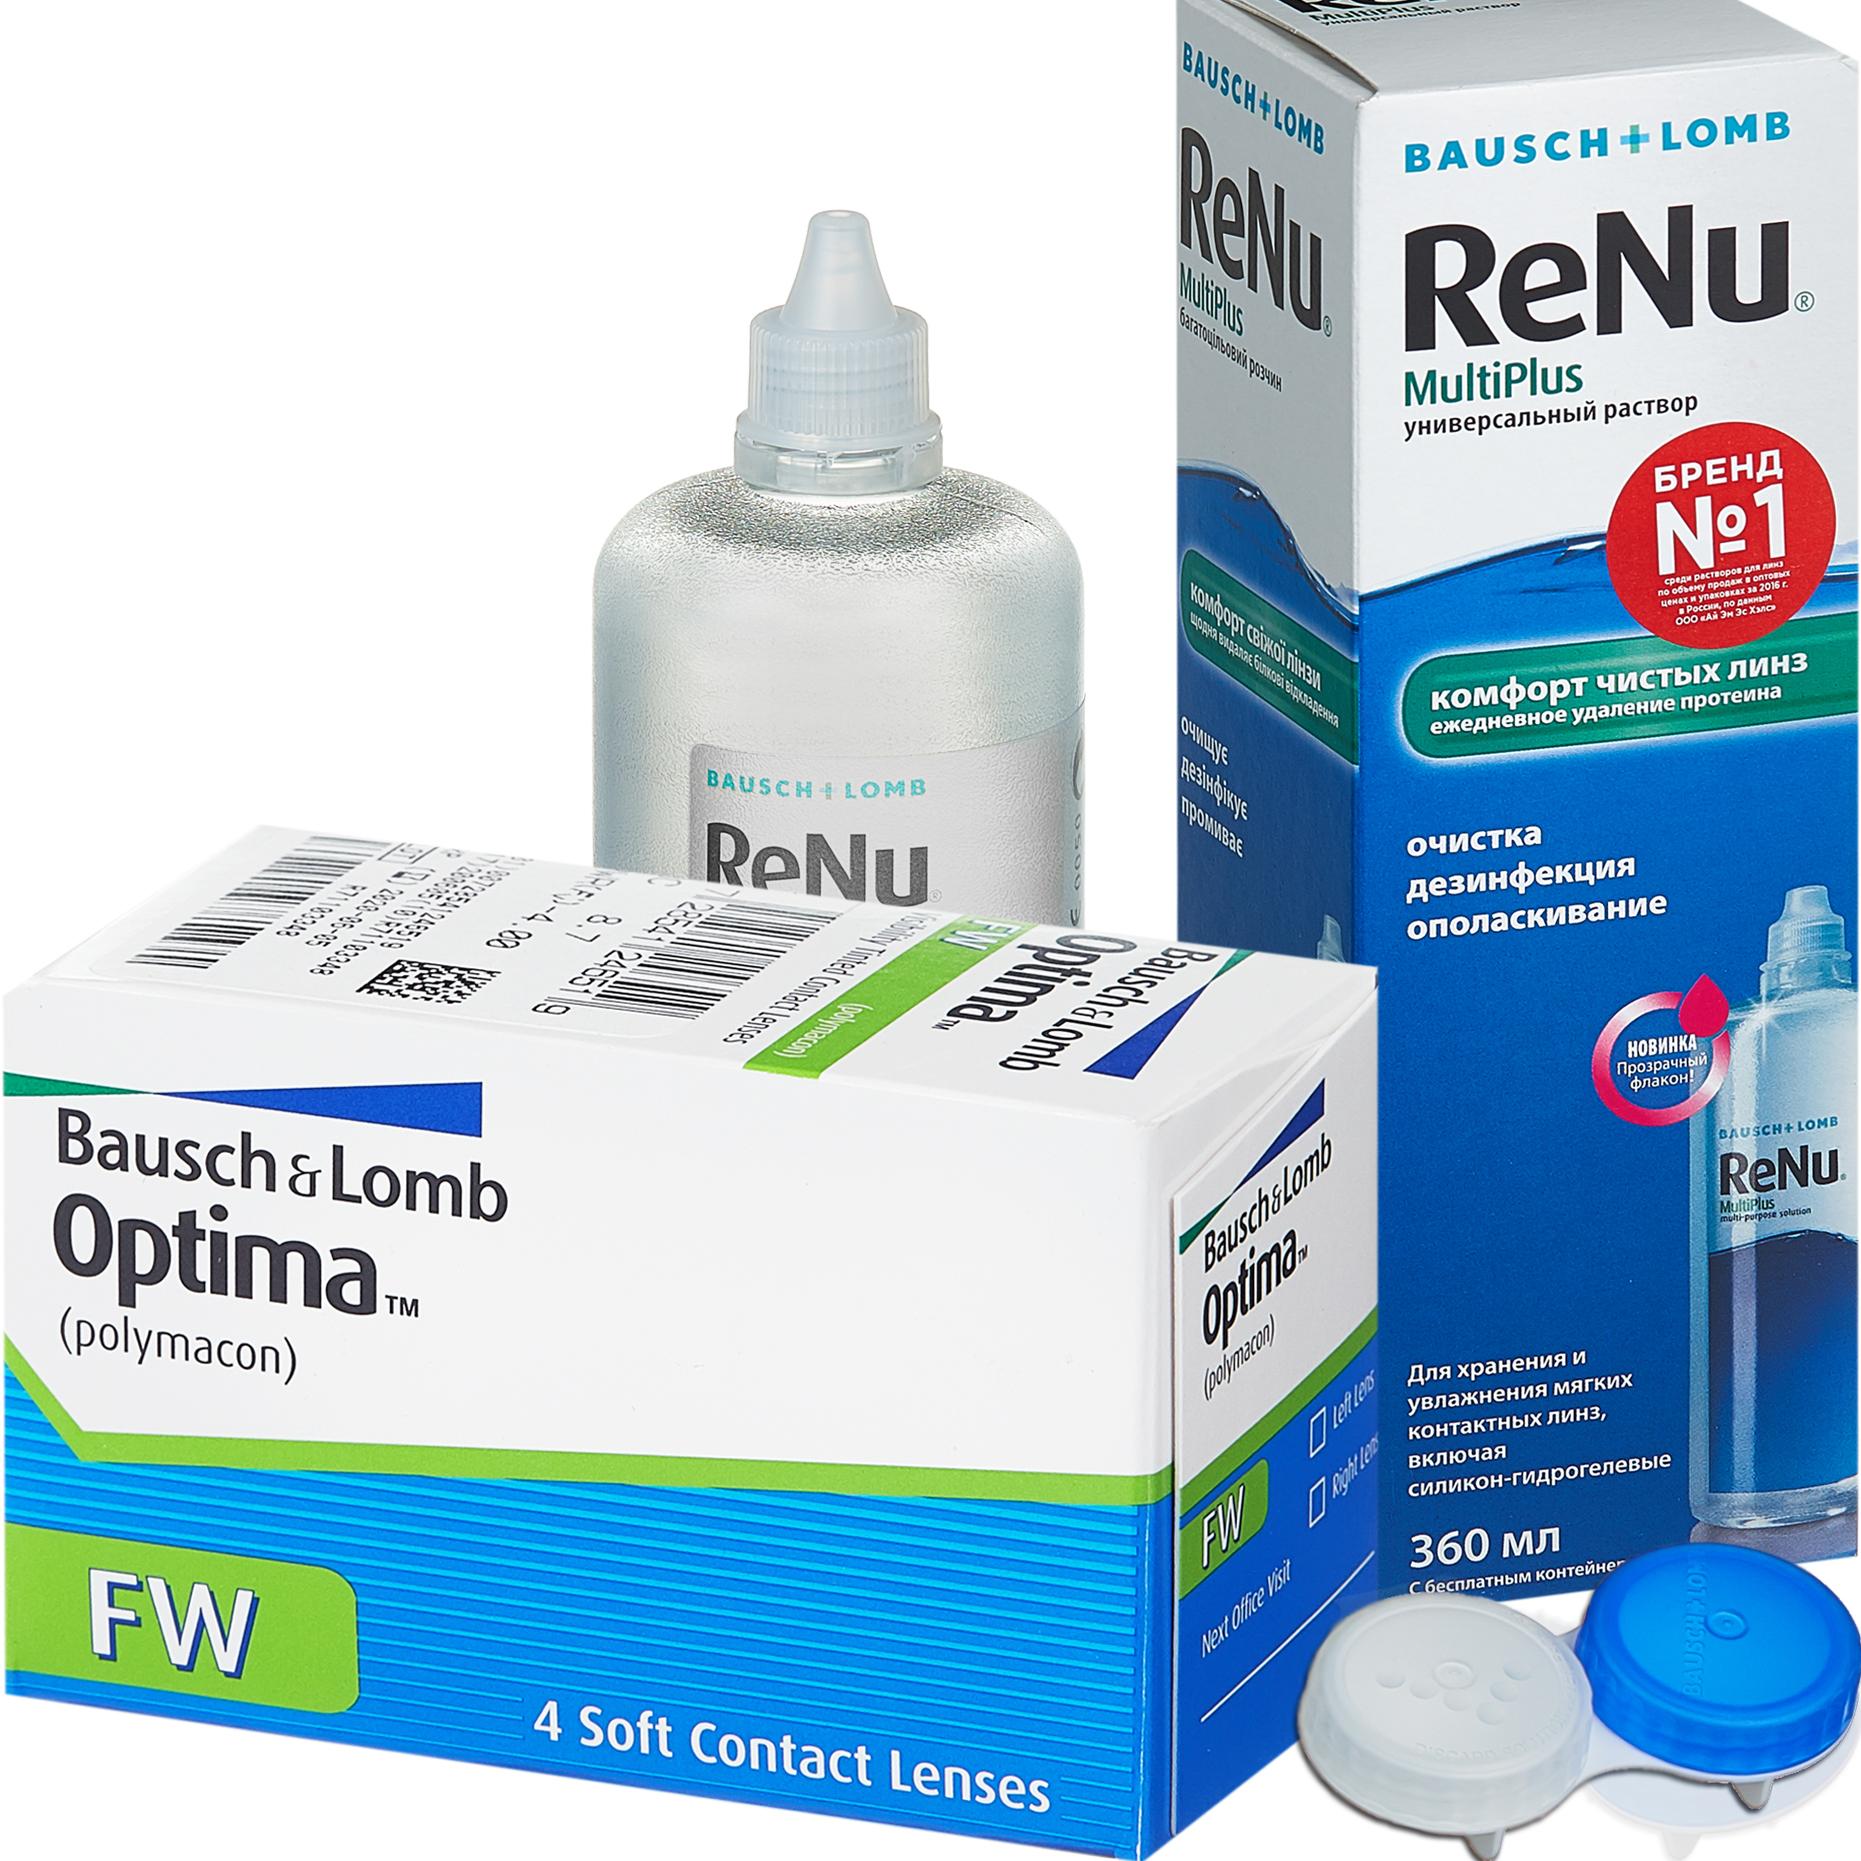 Купить Optima FW 4 линзы + ReNu MultiPlus, Контактные линзы Optima FW 4 линзы R 8.7 -6, 50 + Раствор ReNu Multi Plus 360 мл